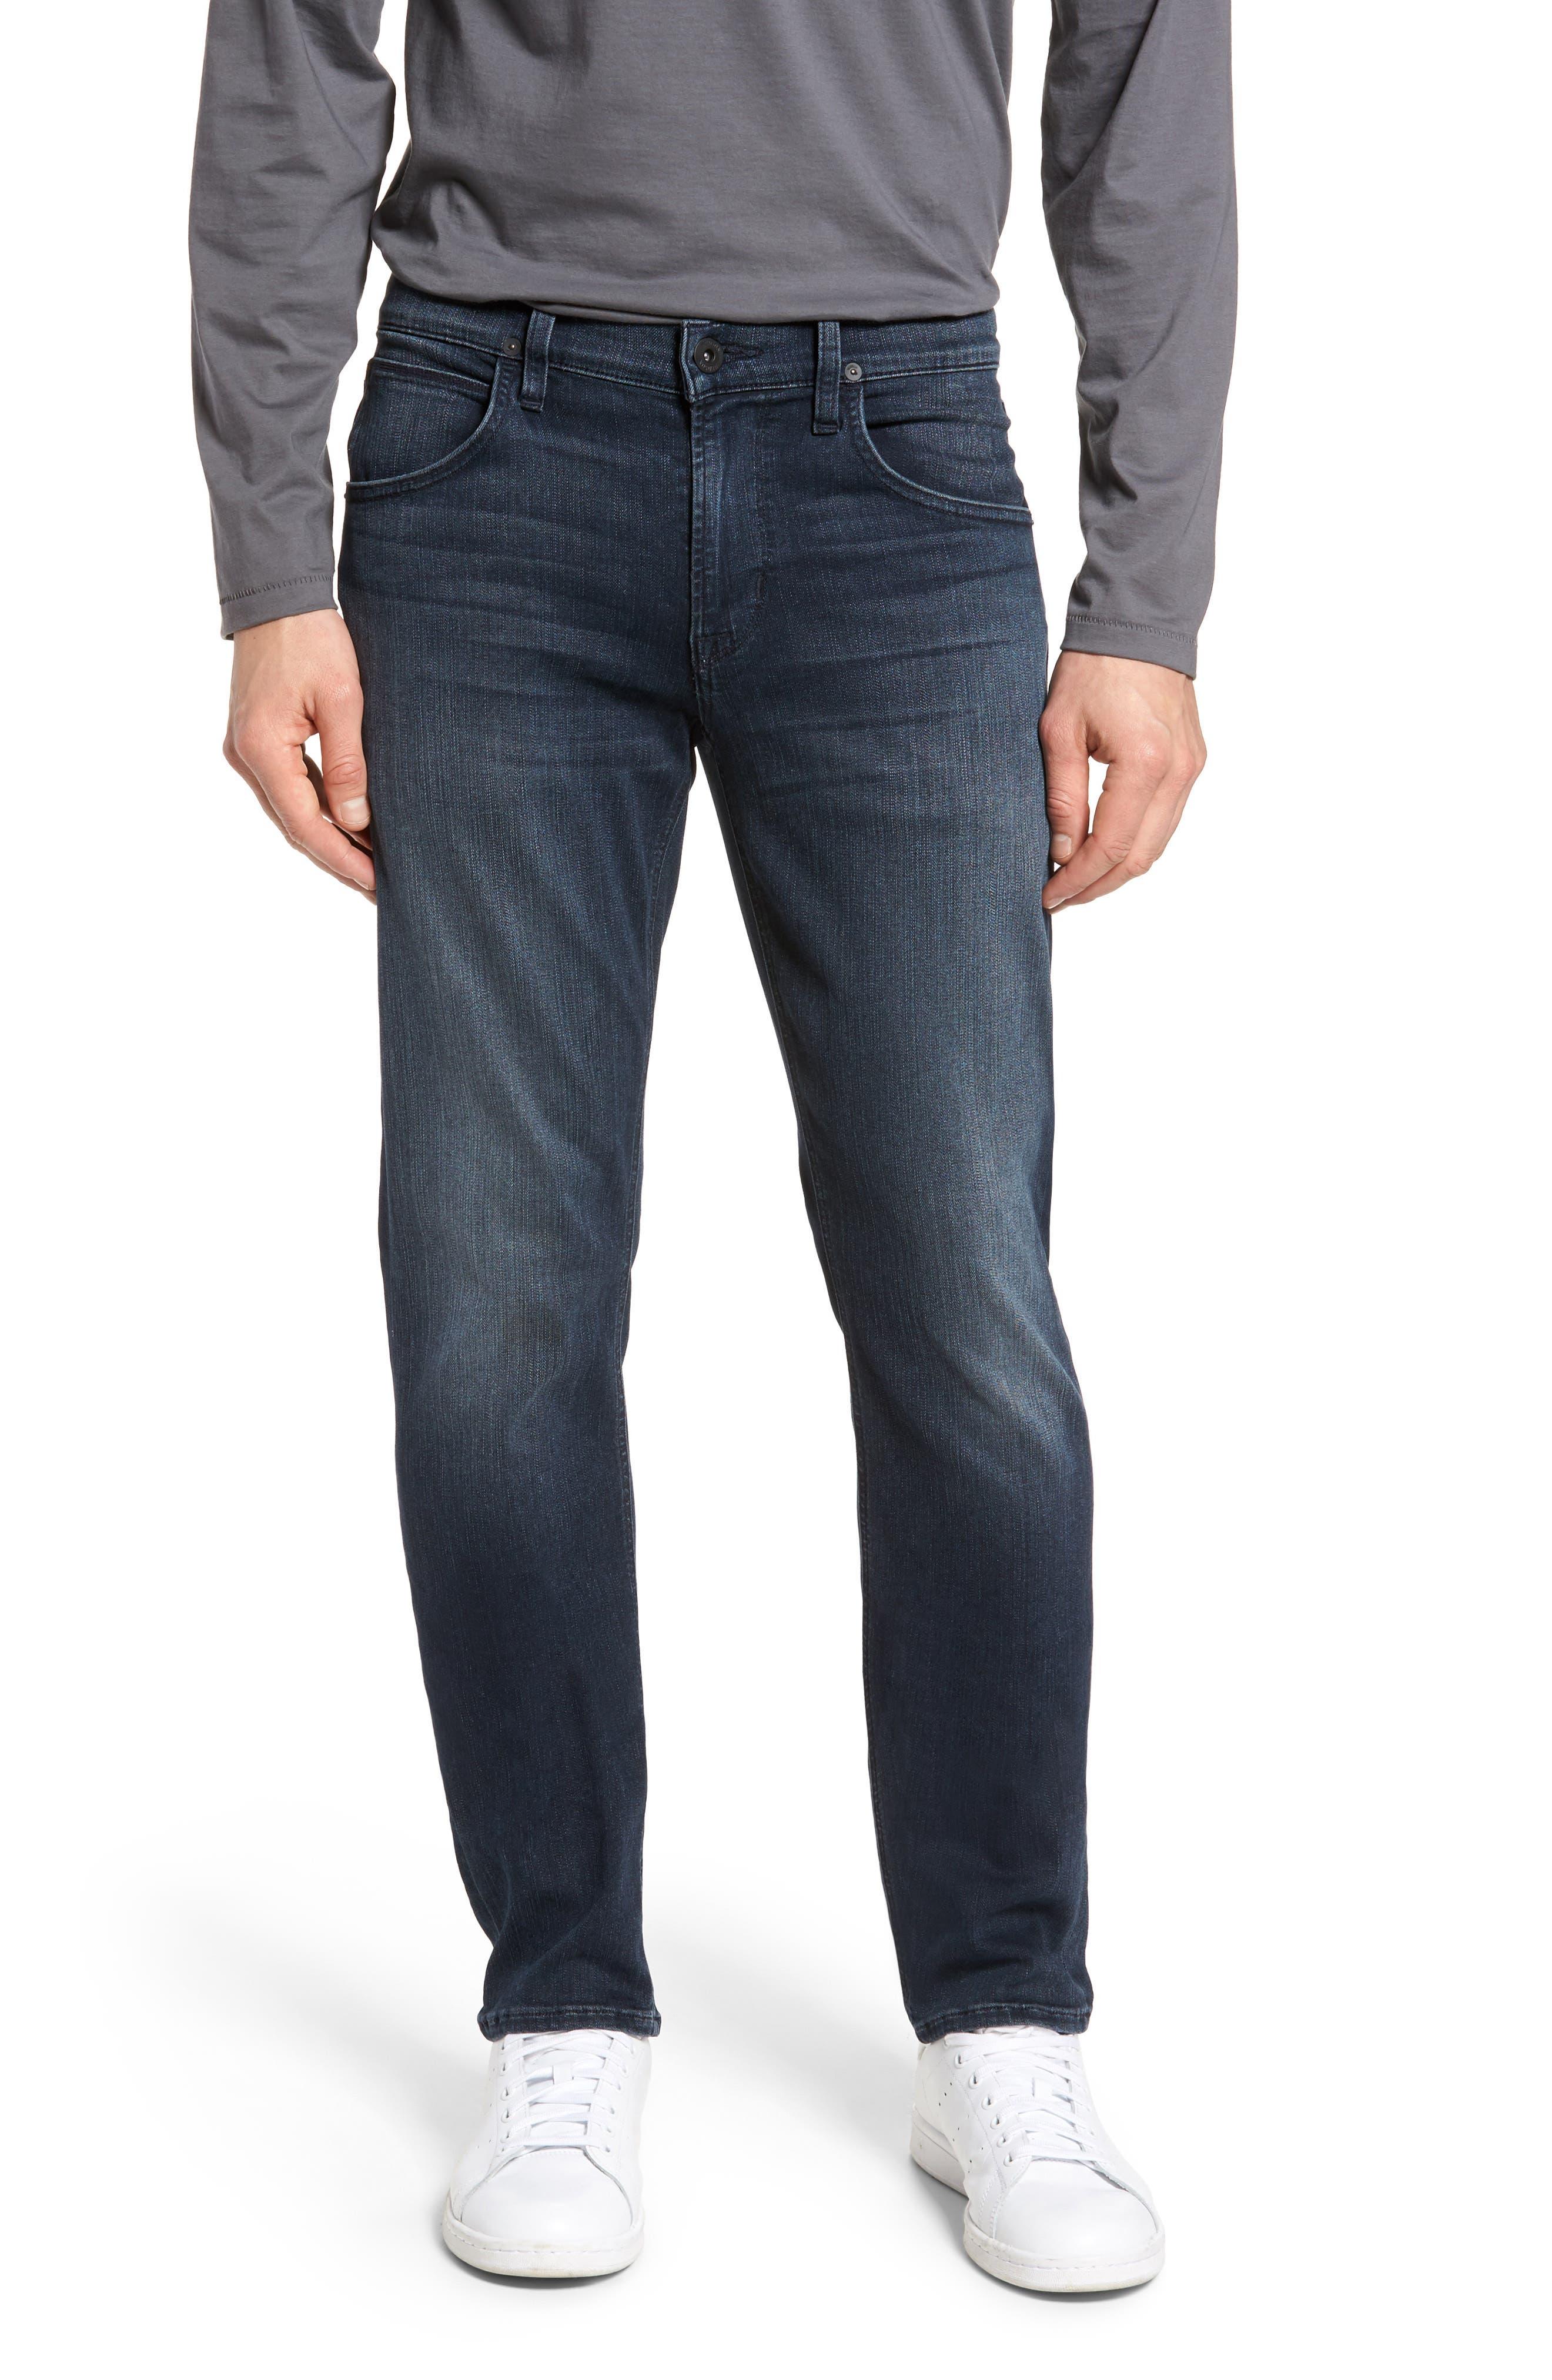 Blake Slim Fit Jeans,                         Main,                         color, 400